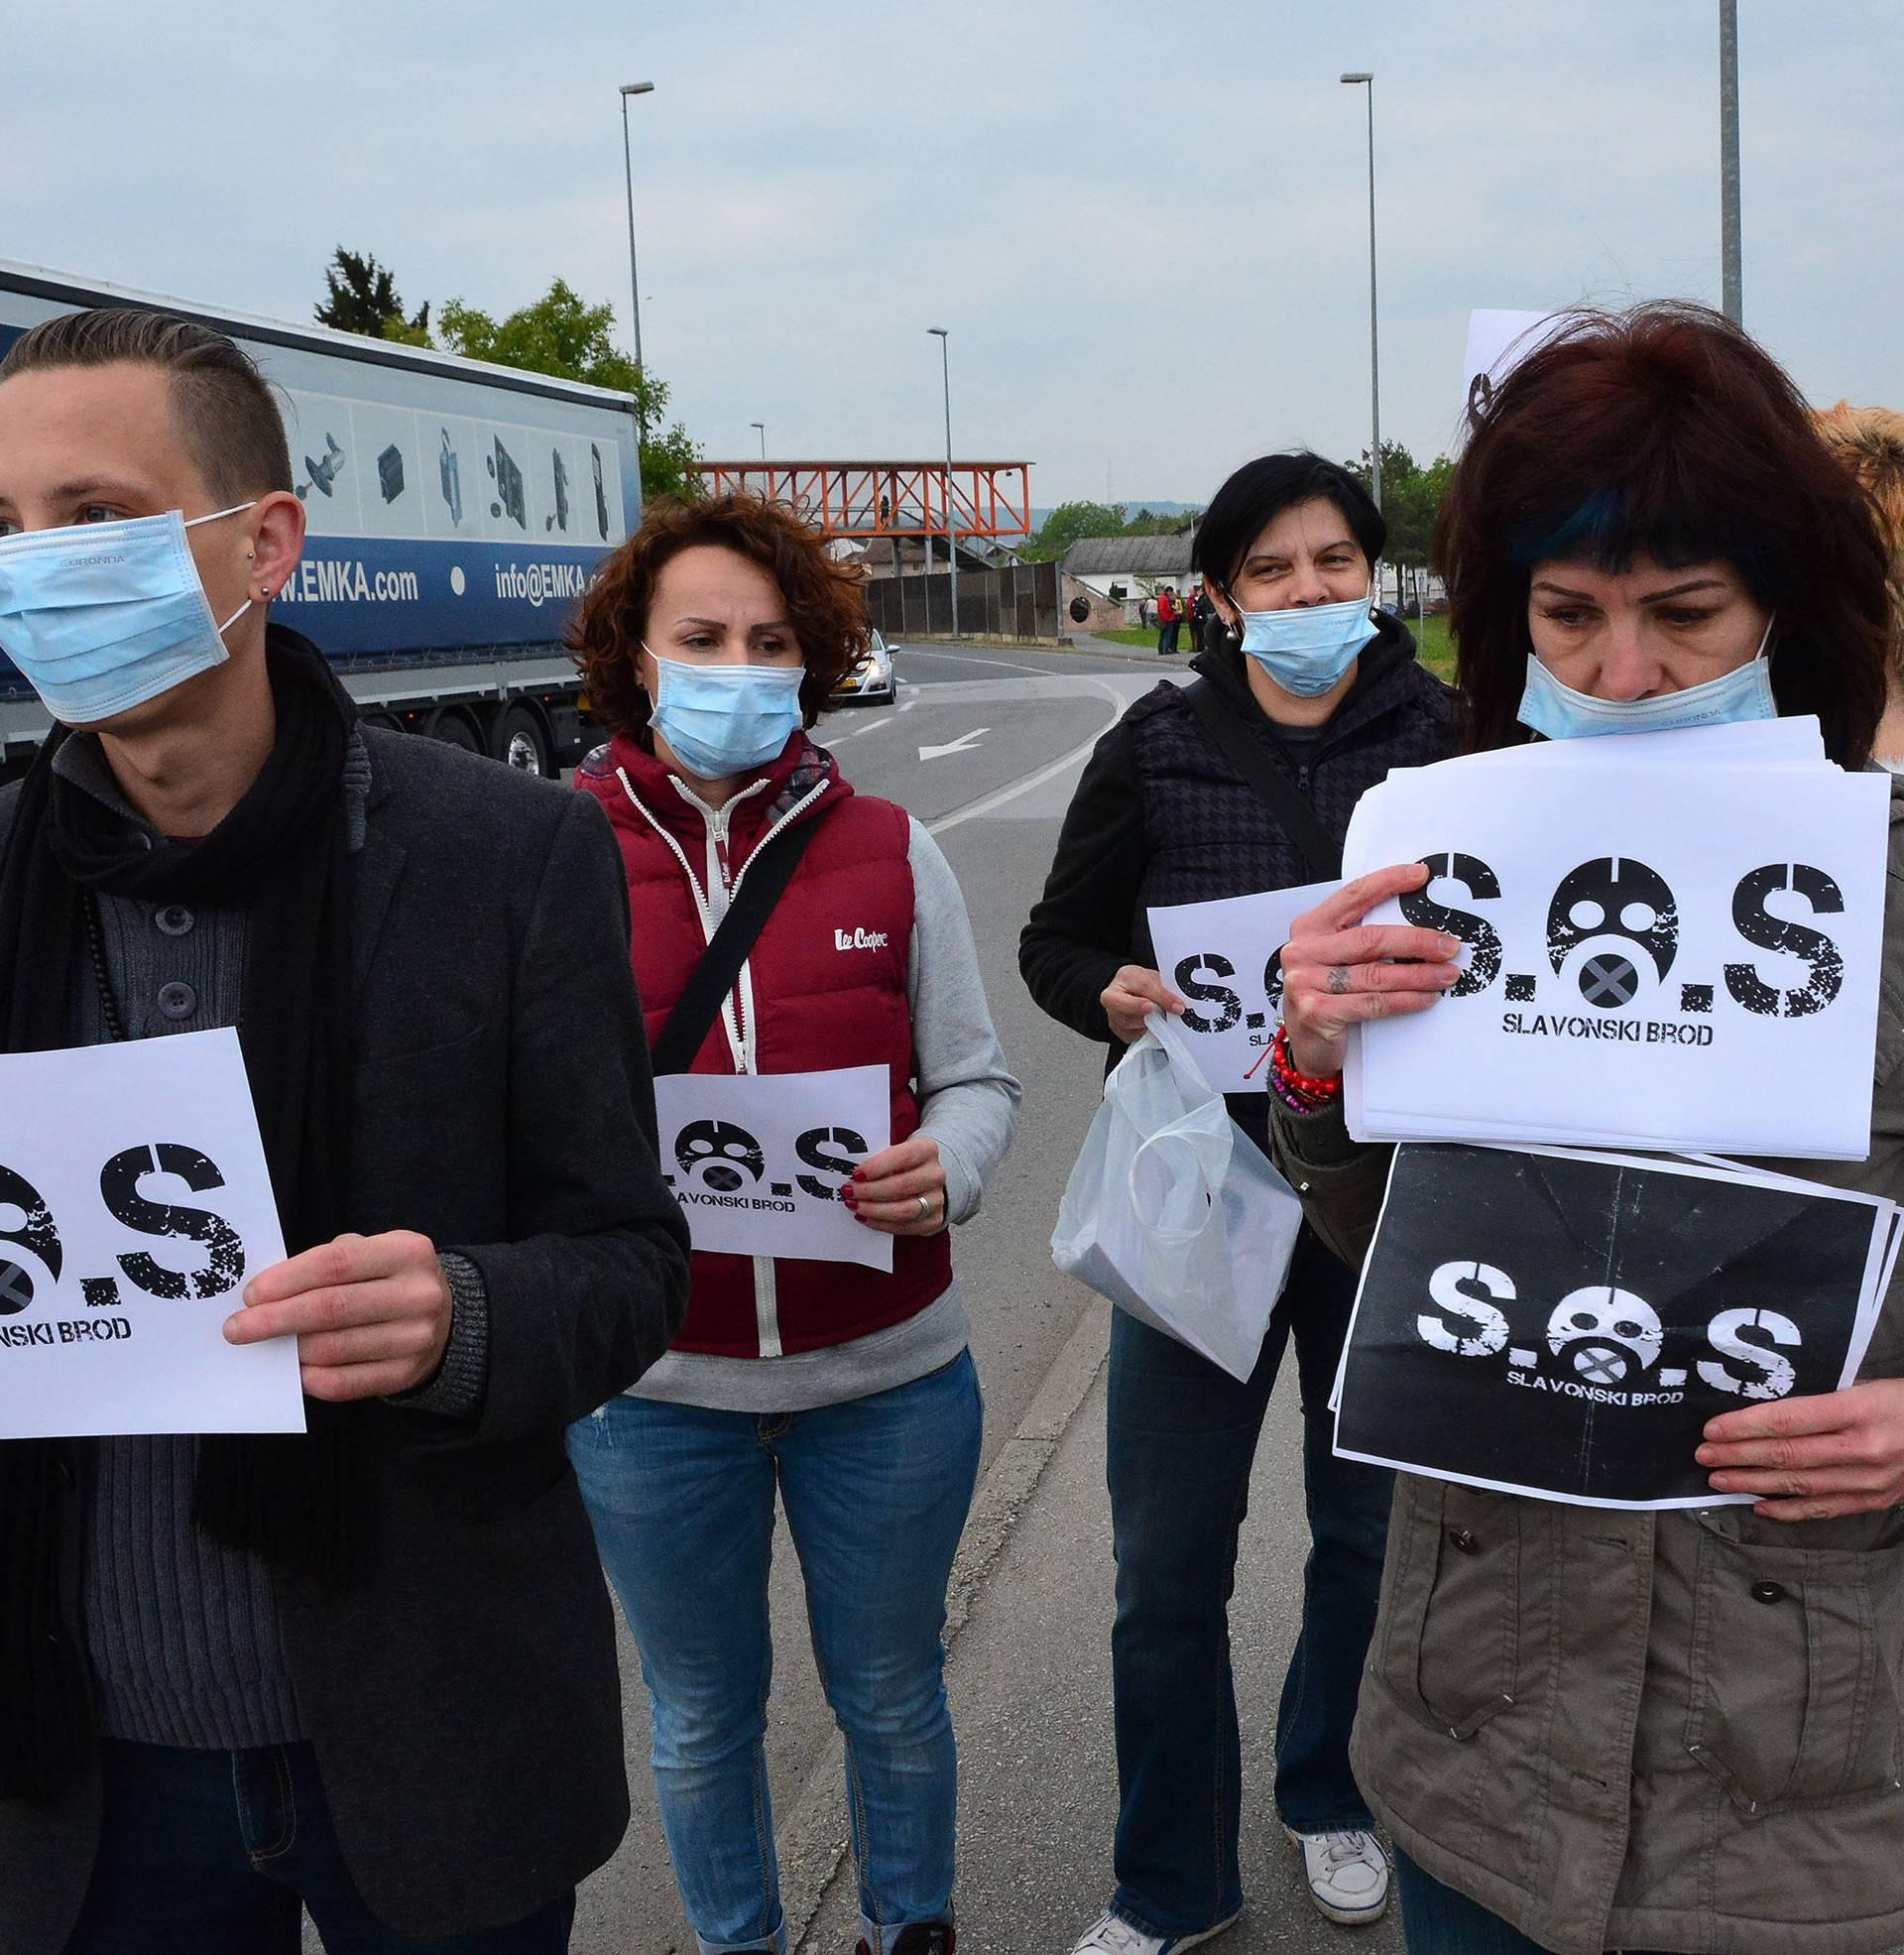 Obustavili su promet: Prosvjed protiv zagađenja zraka u Brodu